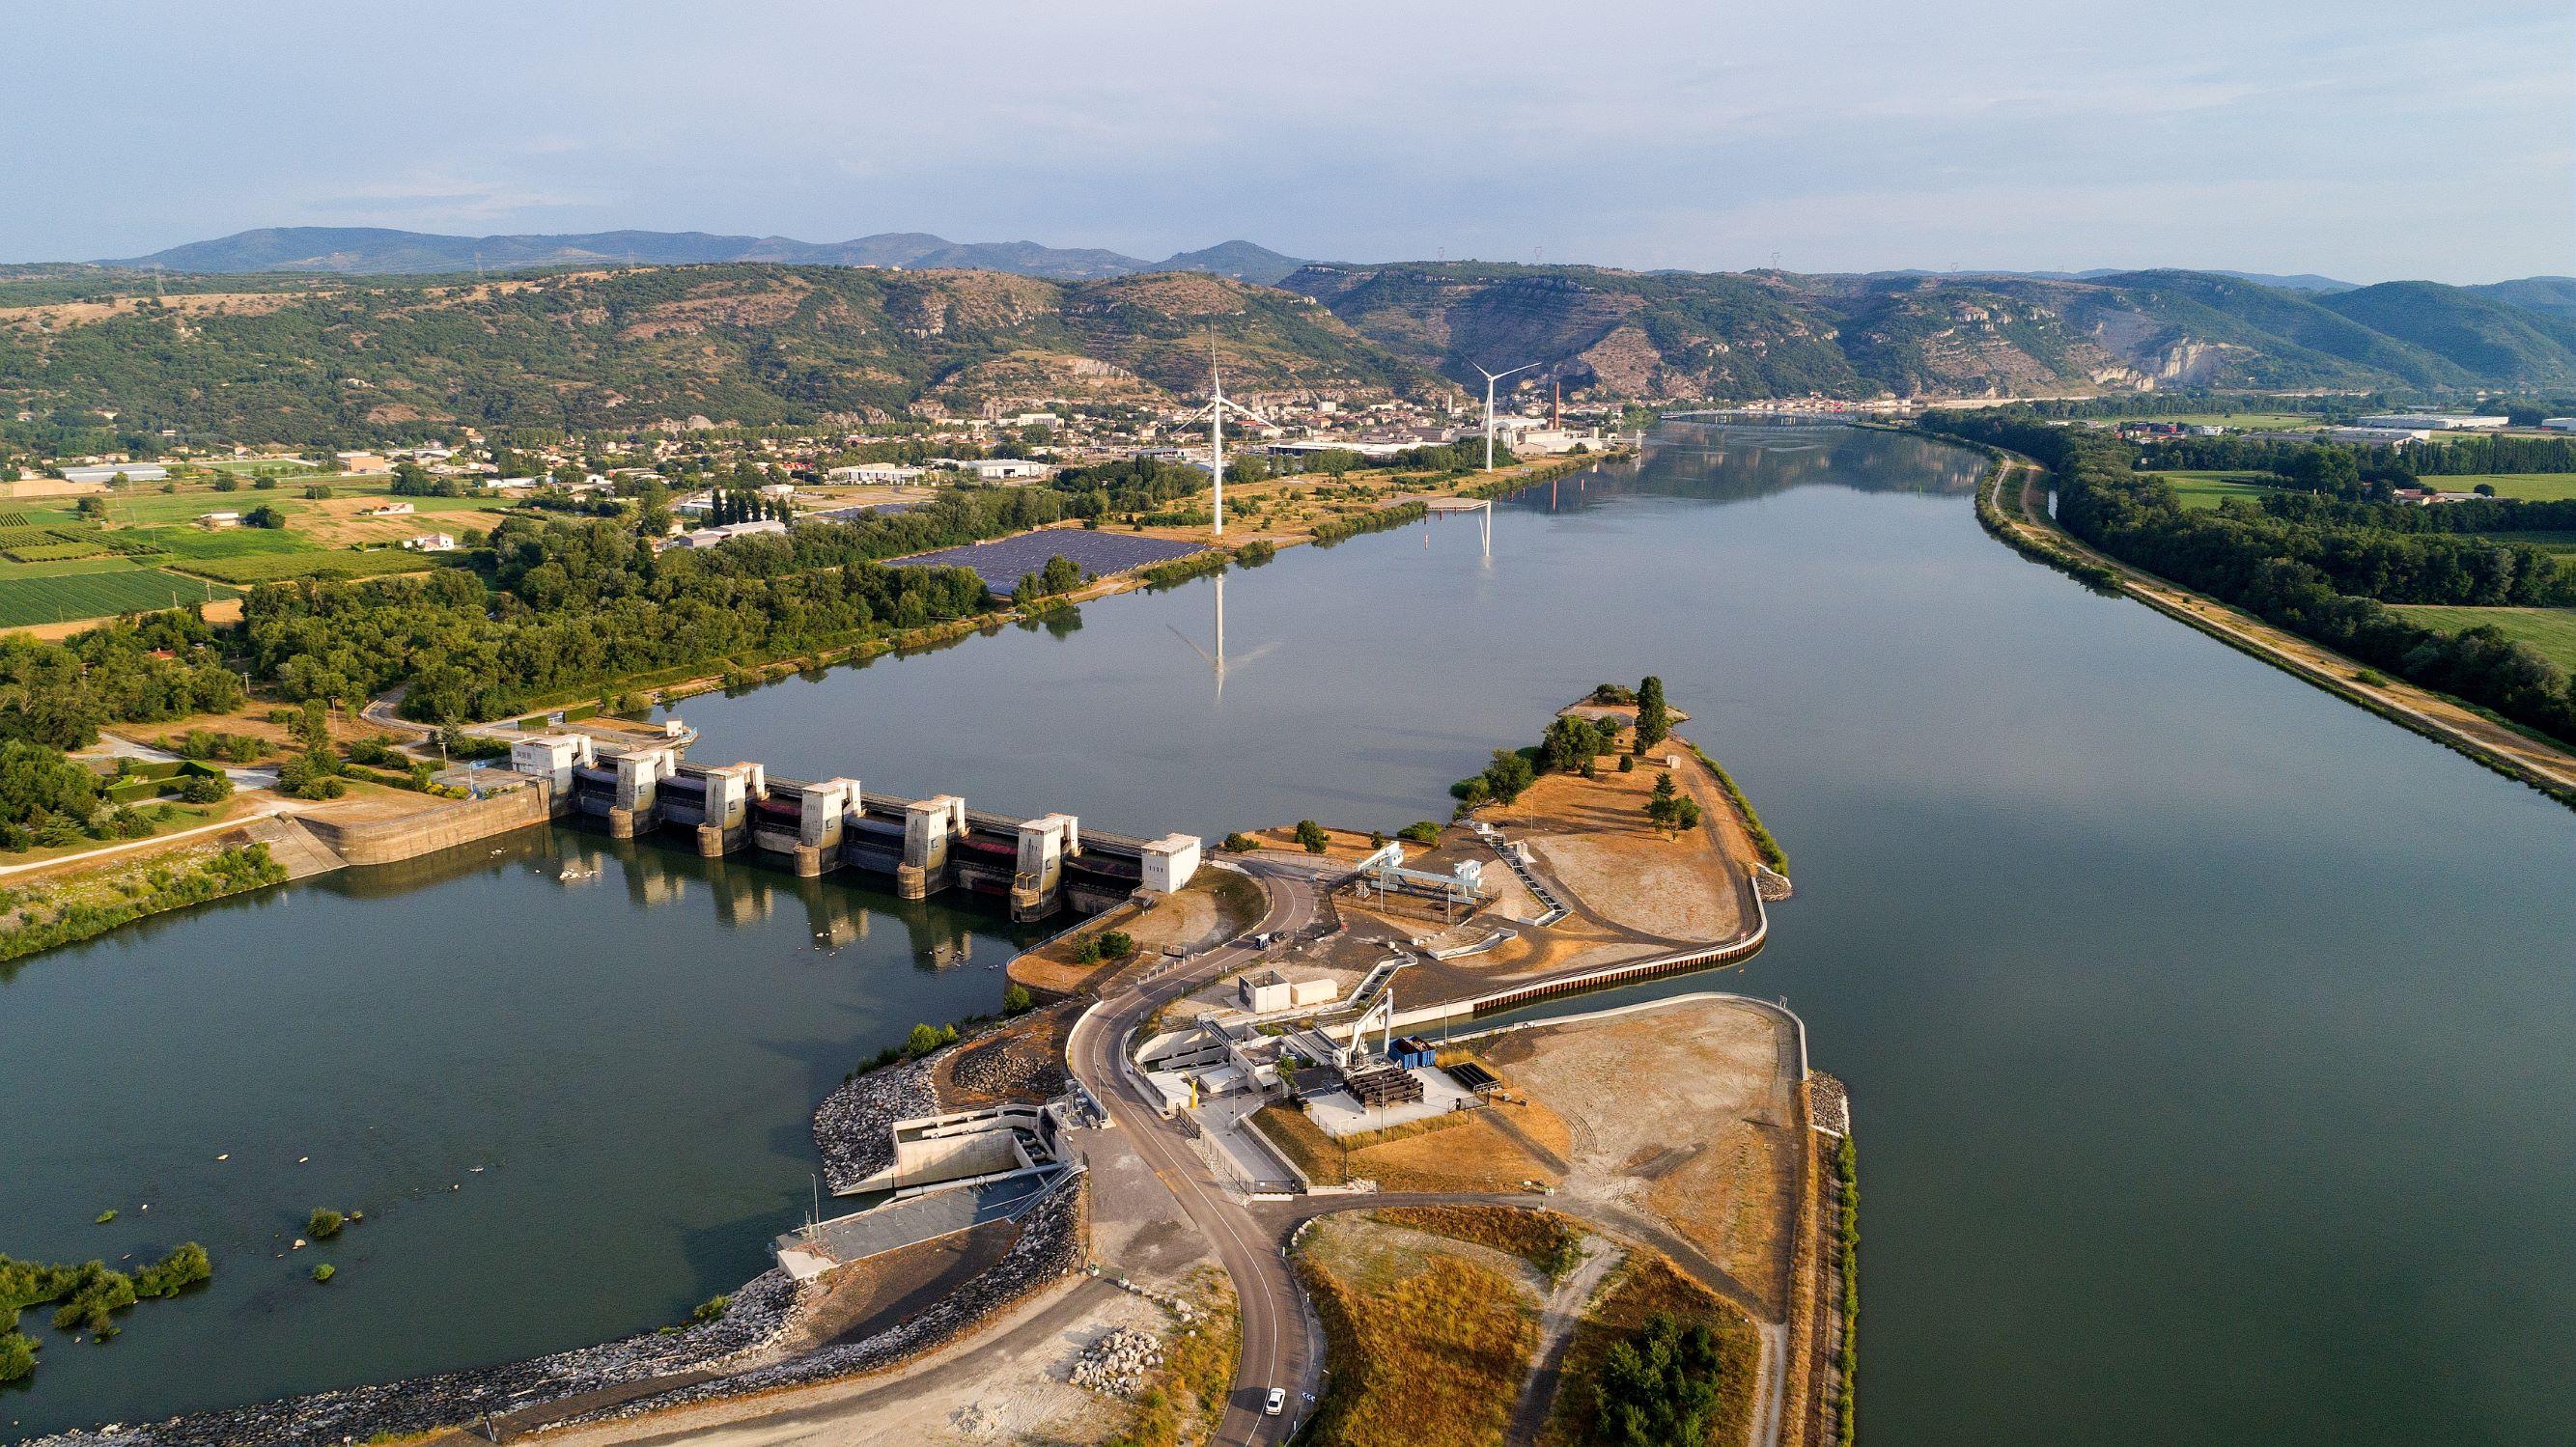 Loriol et Le Pouzin : CNR inaugure un vaste projet d'aménagement sur le Rhône